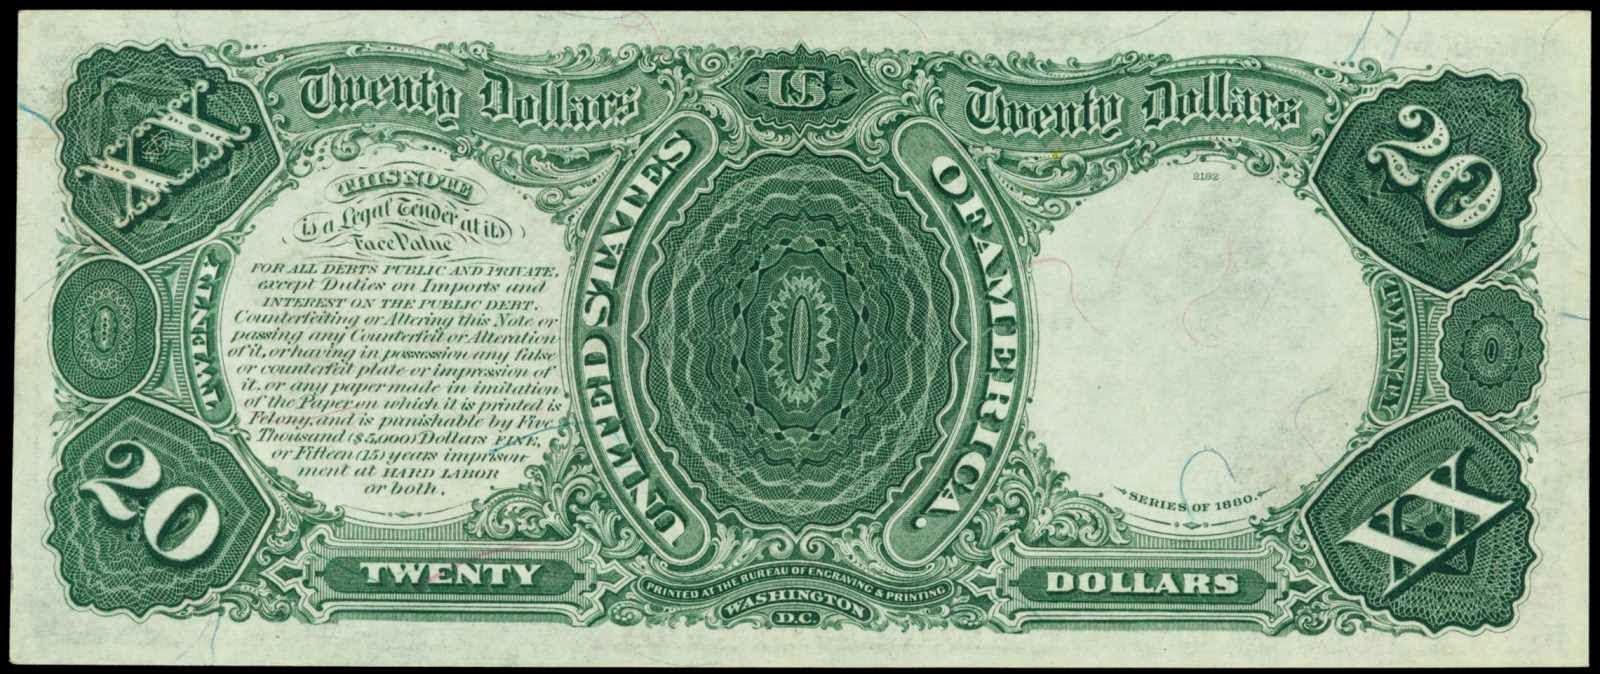 1880 20 Dollars Legal Tender Note